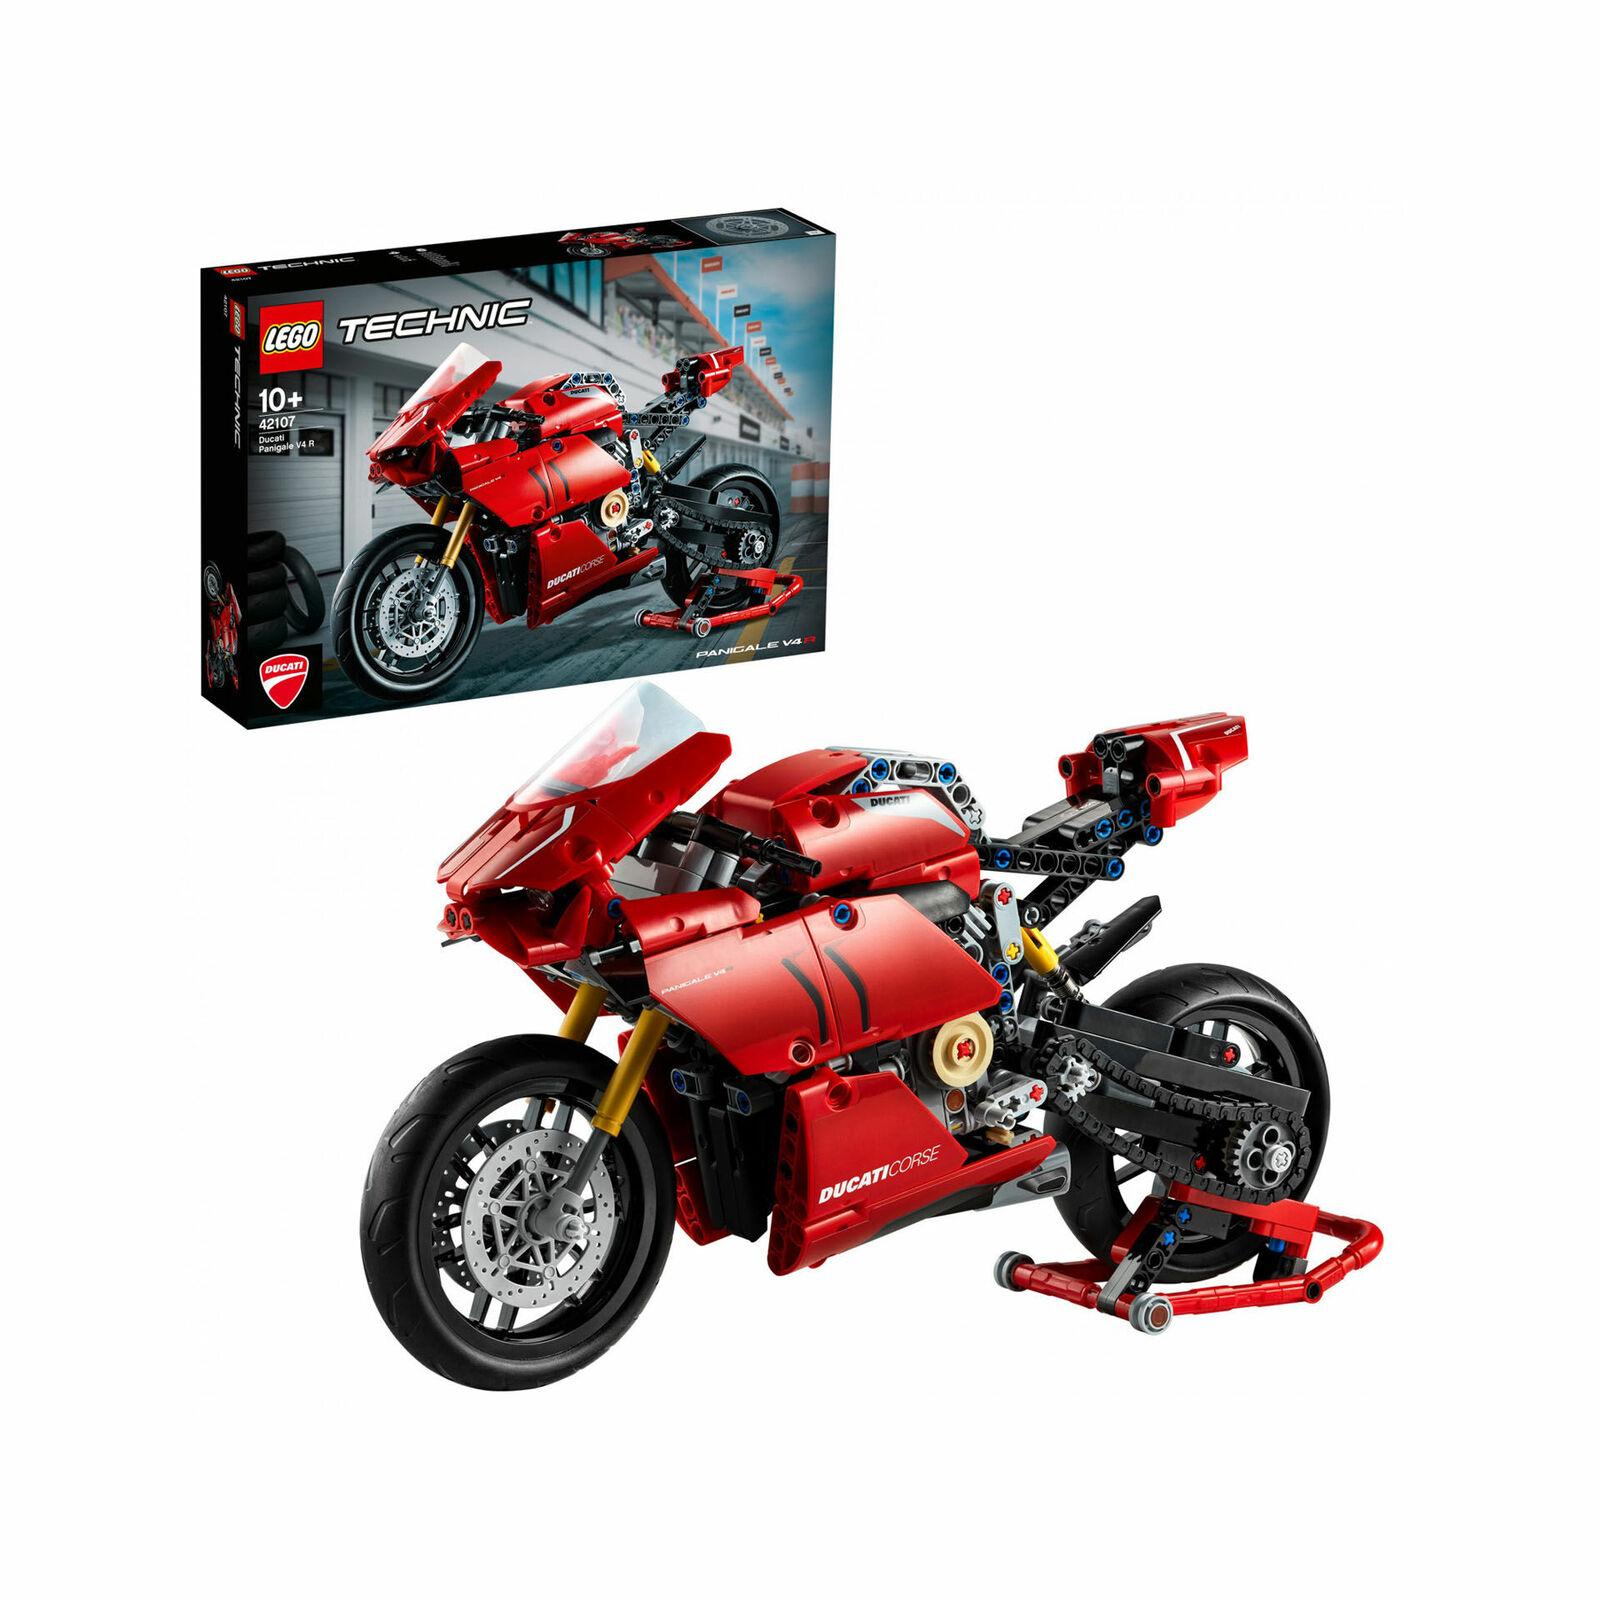 2x LEGO TECHNIC NUOVO Cremagliera Nero 1 x 7 con ACH e pinlöchern 4562009 NUOVO